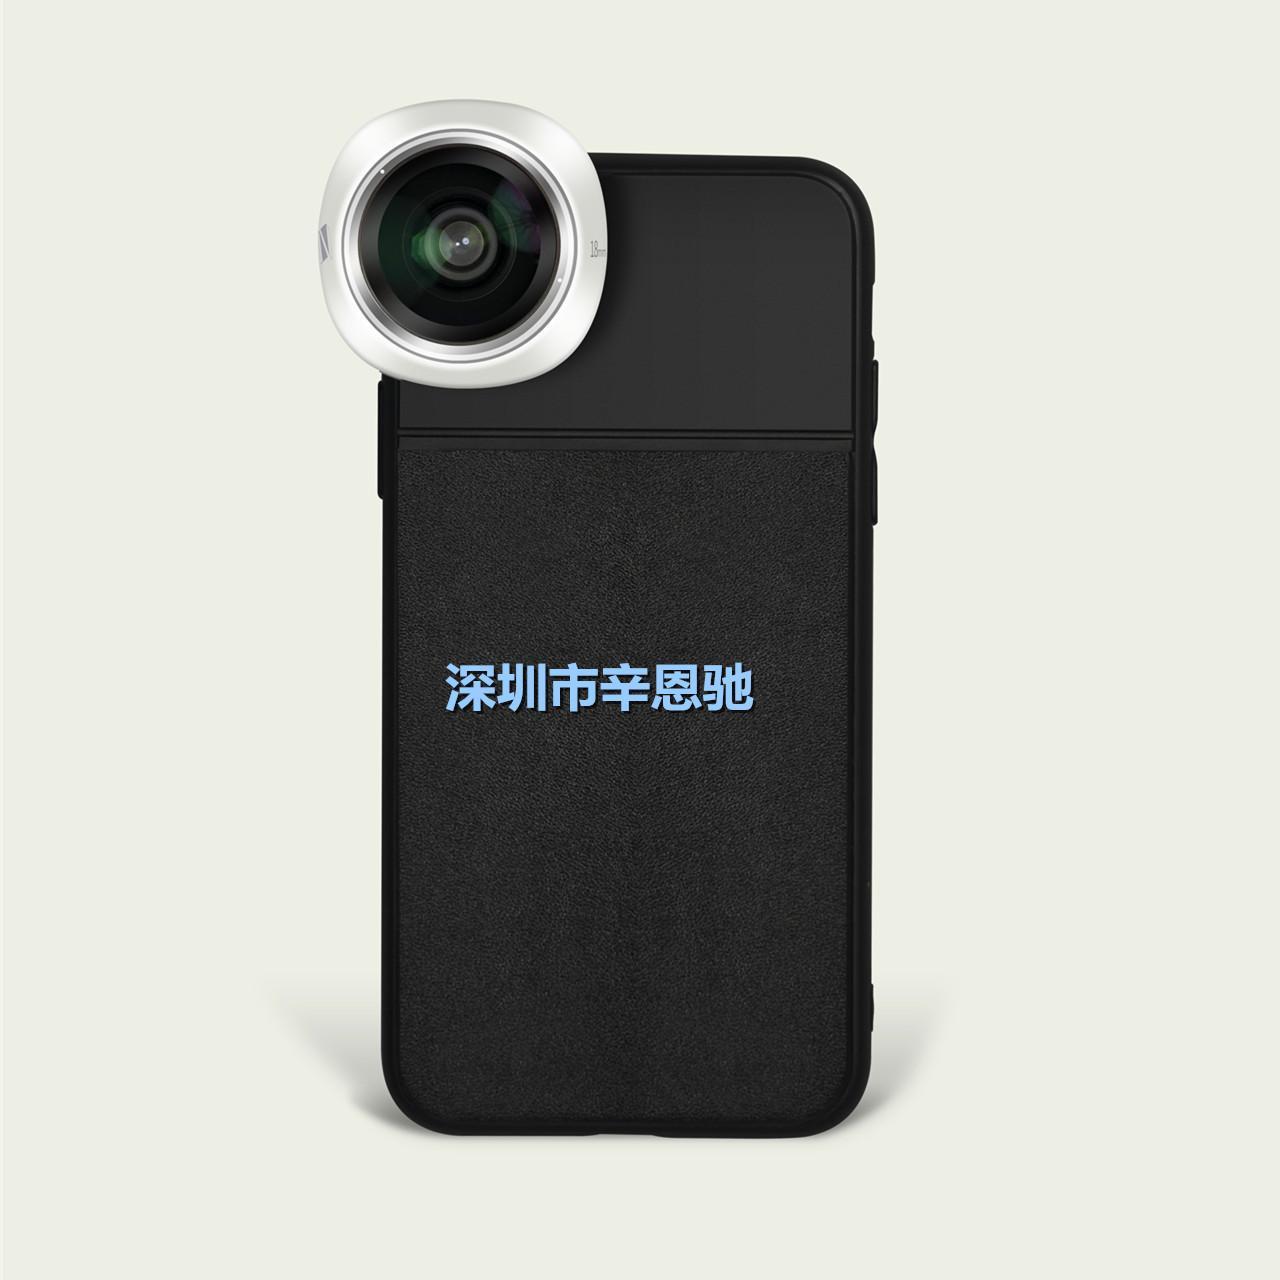 手机镜头超广角磁吸三合一高清手机镜头一键安装 5